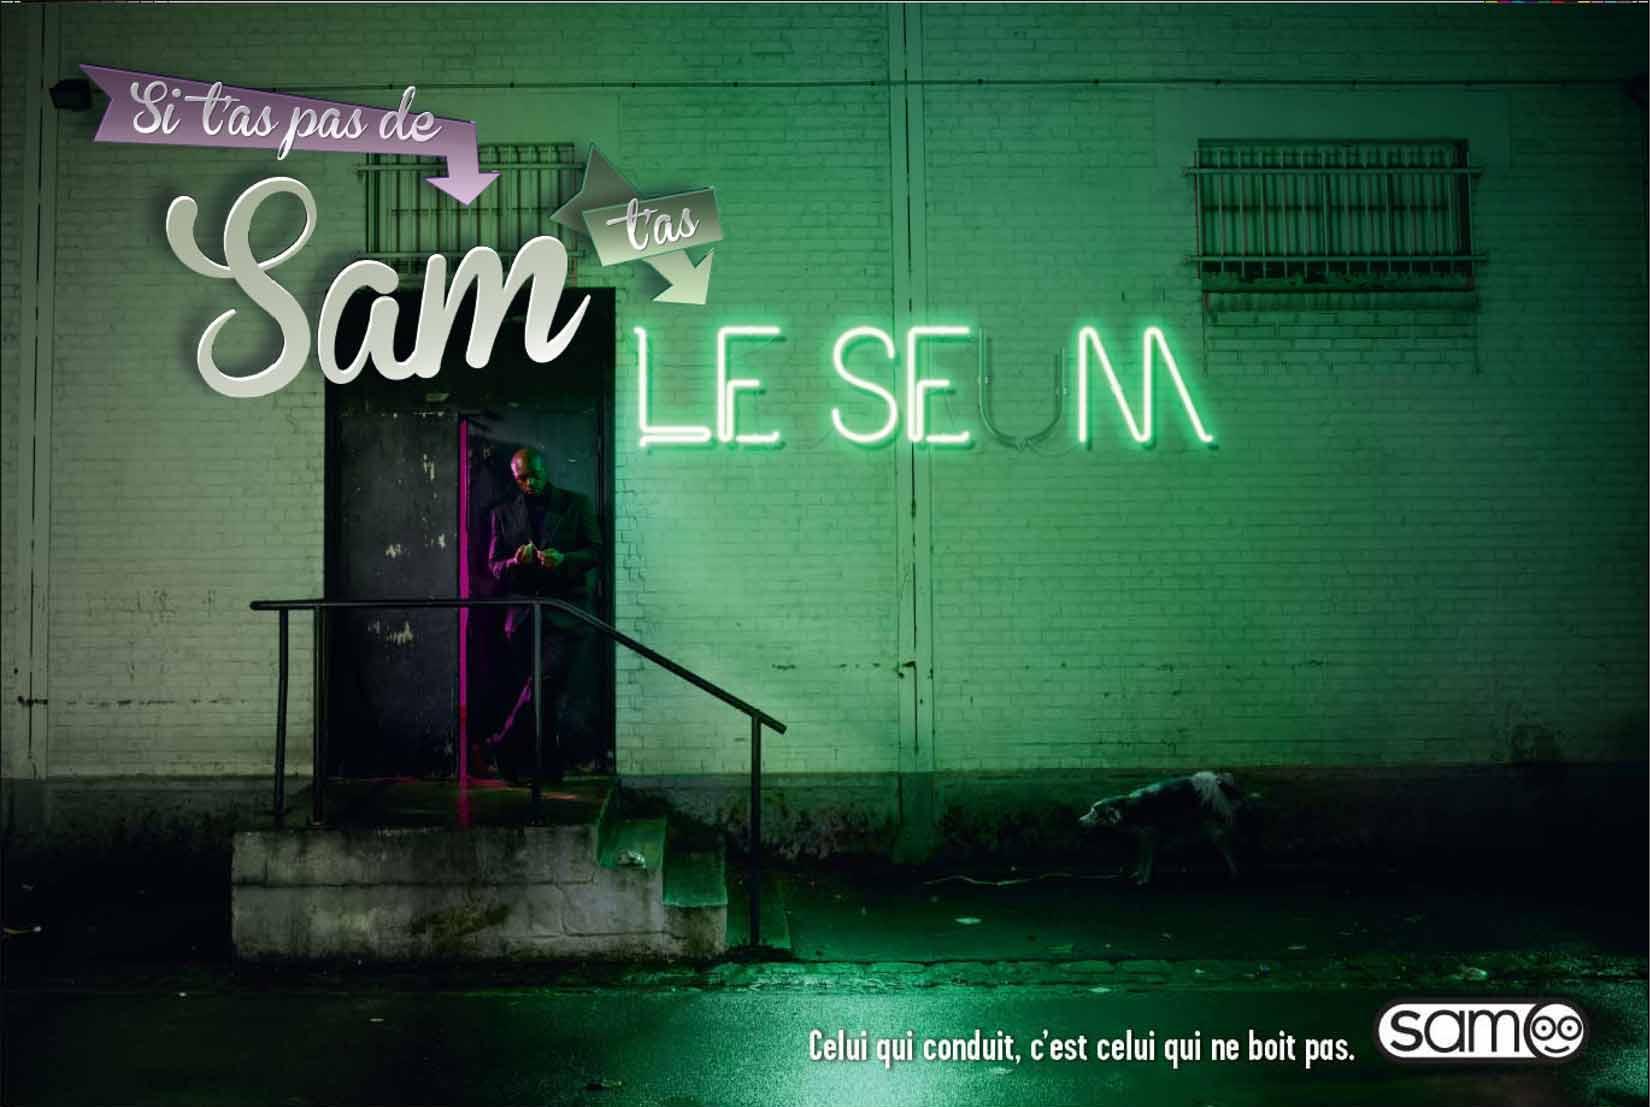 La Préfecture de Moselle communique sur le réseau d'affichage indoor Next One